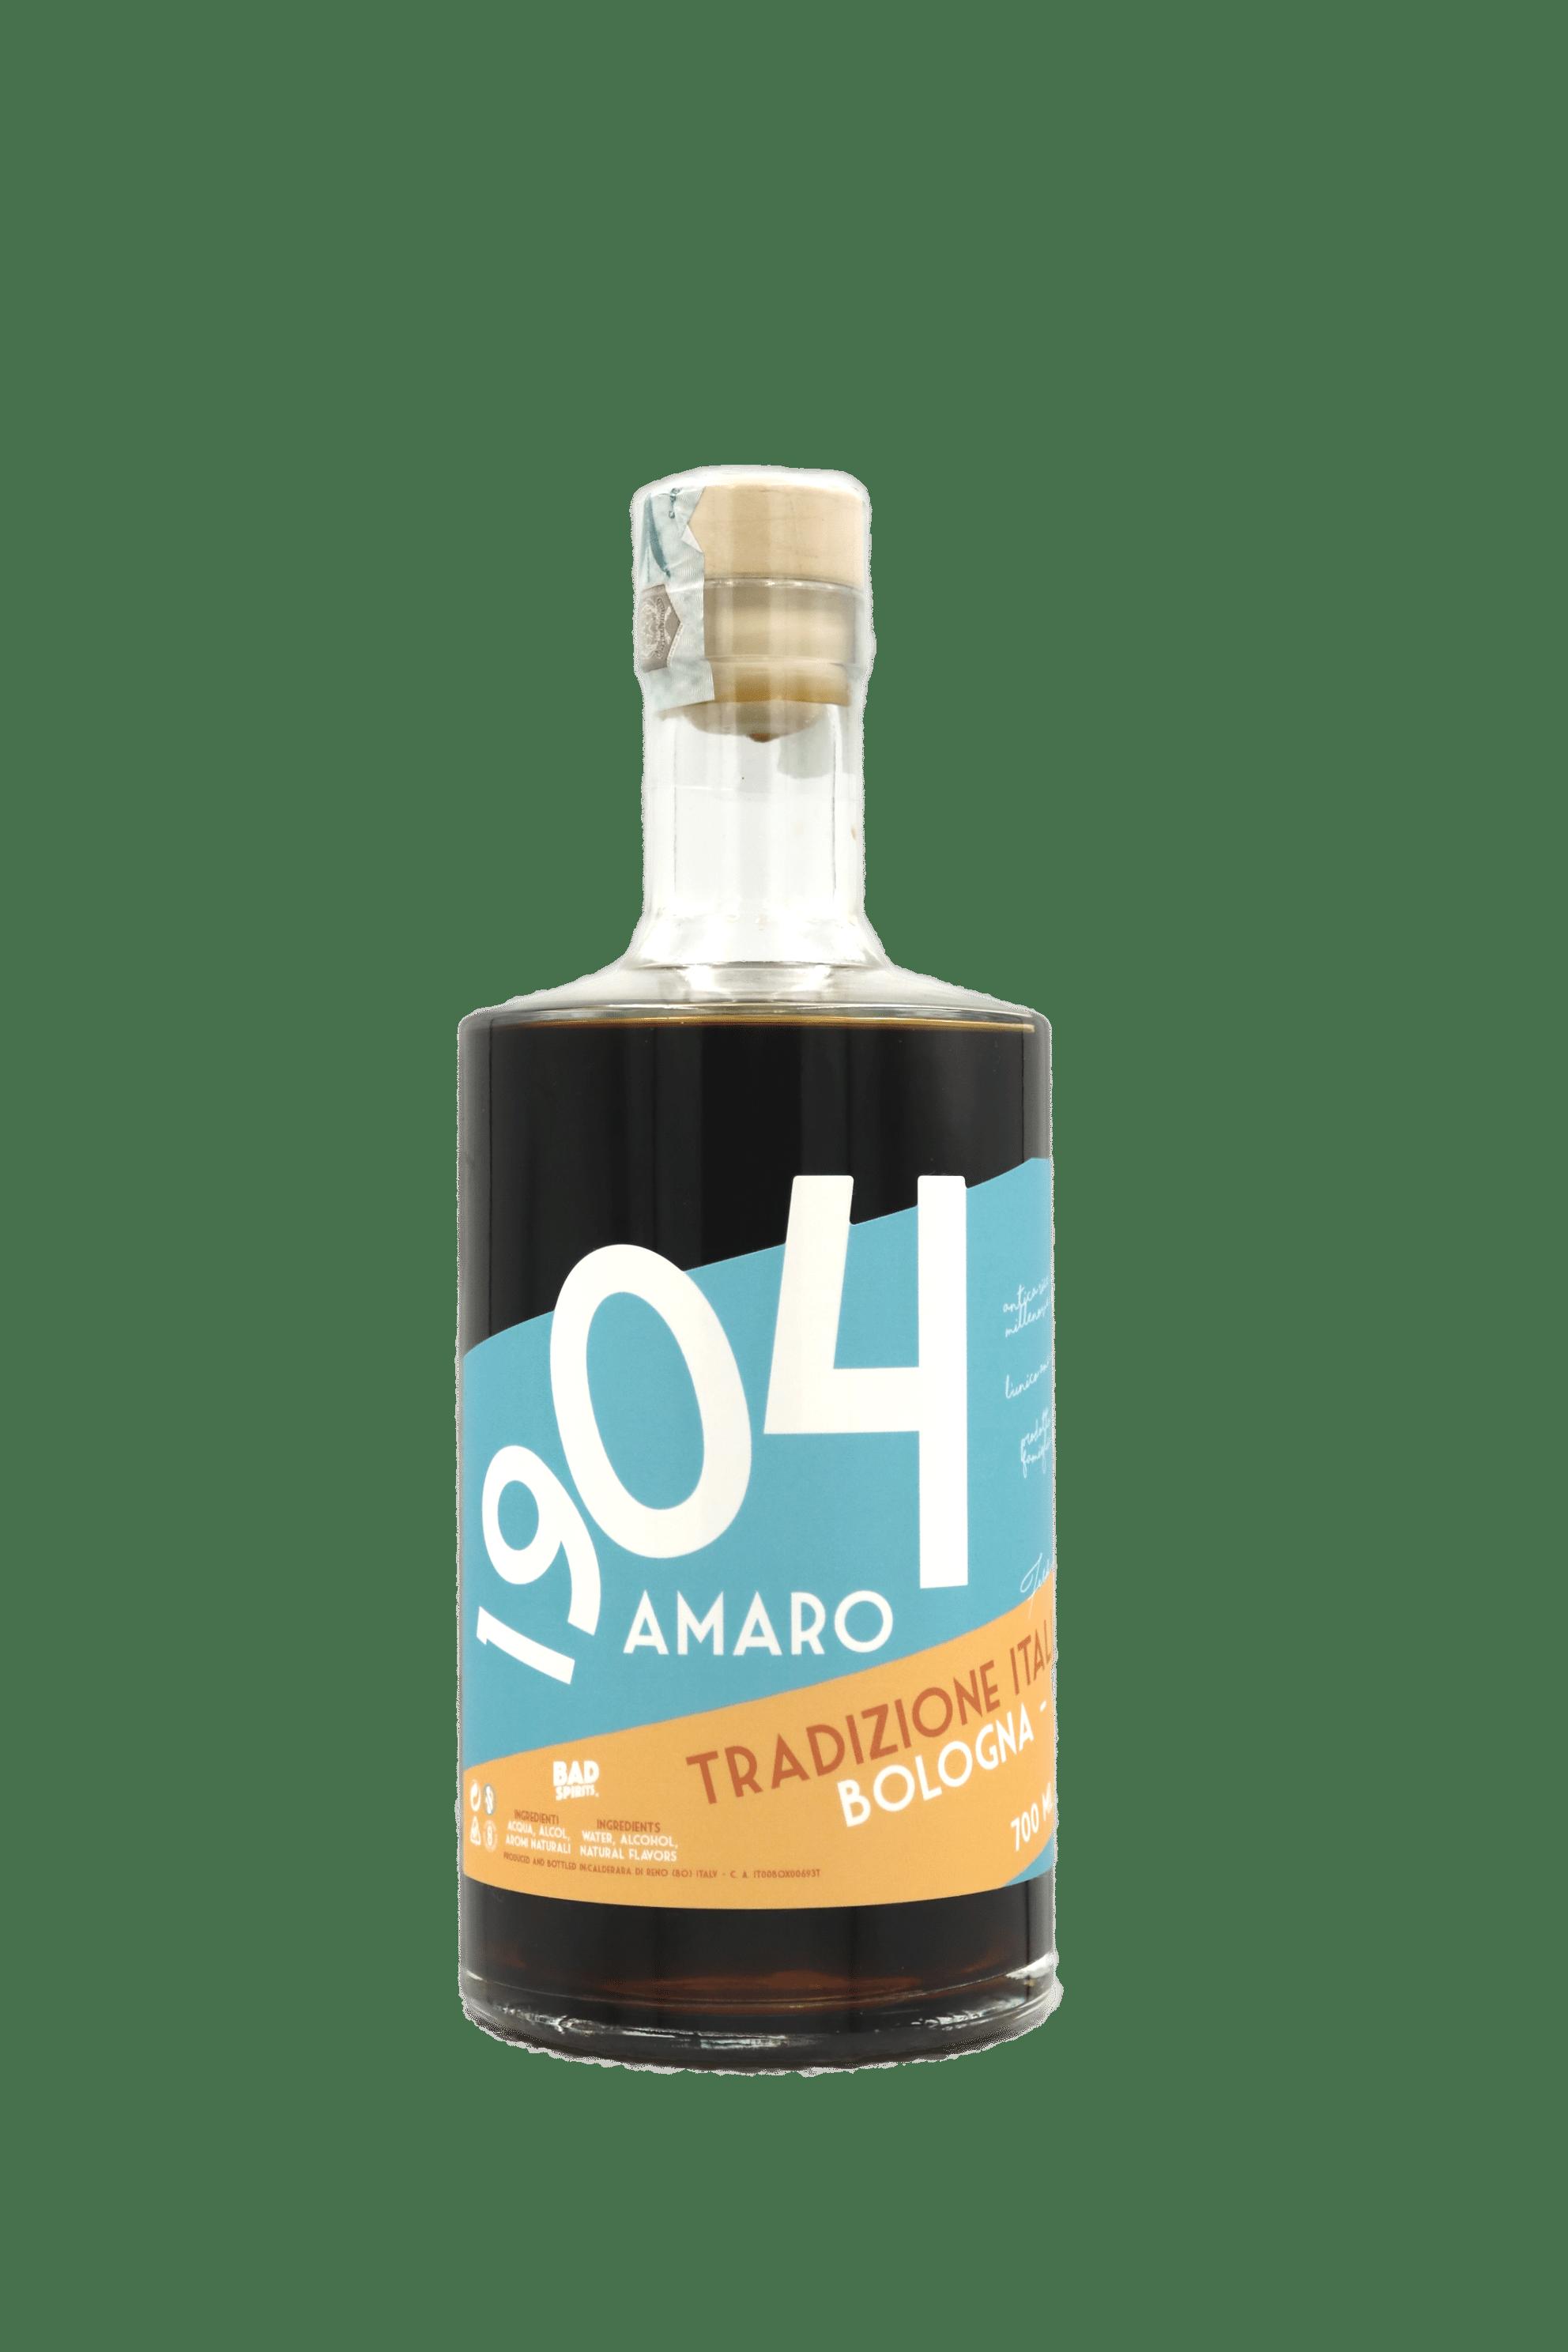 Amaro 1904